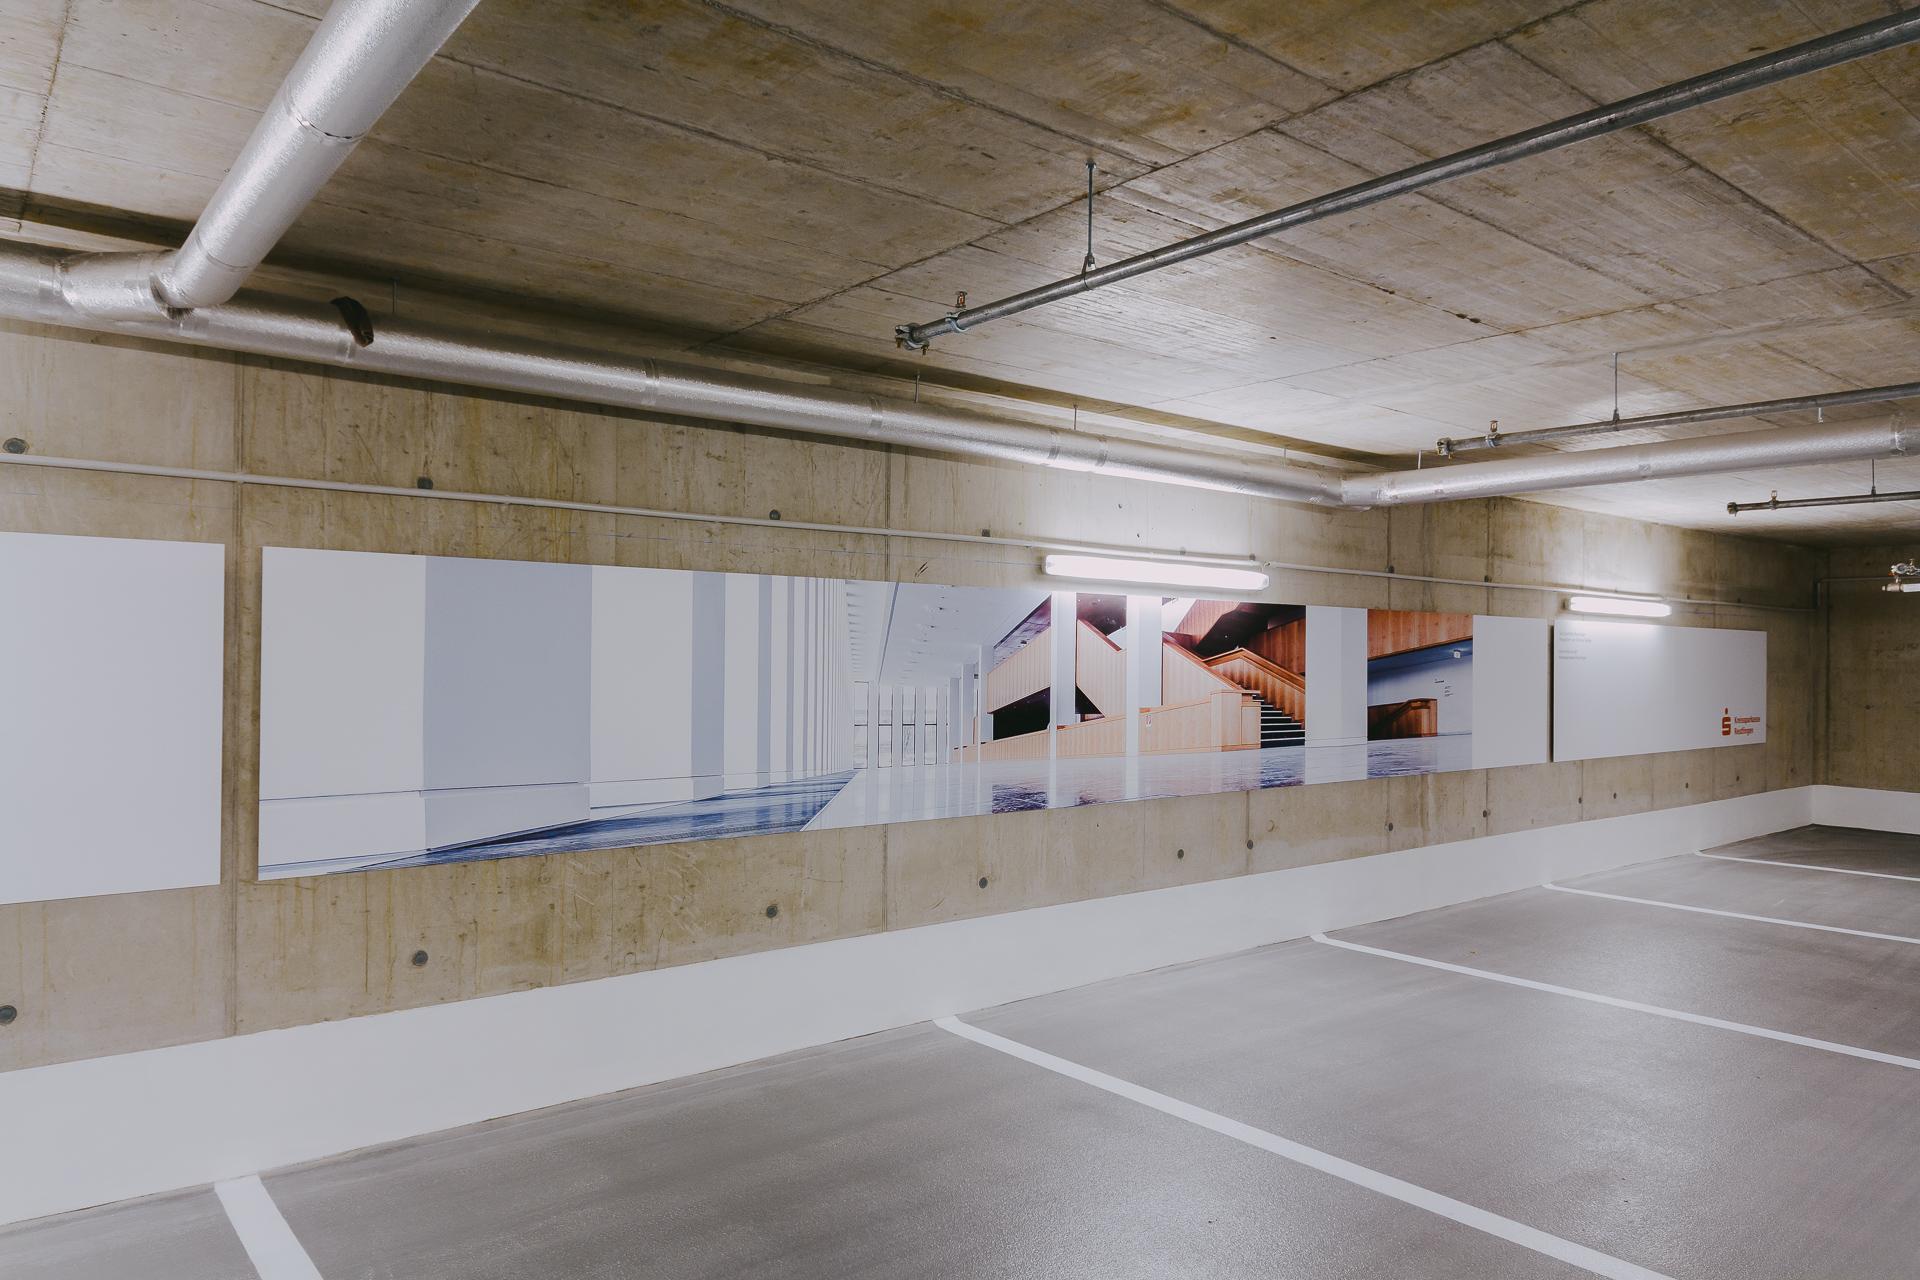 20121228_Stadthalle_Reutlingen_Tiefgarage_Motive_000000094